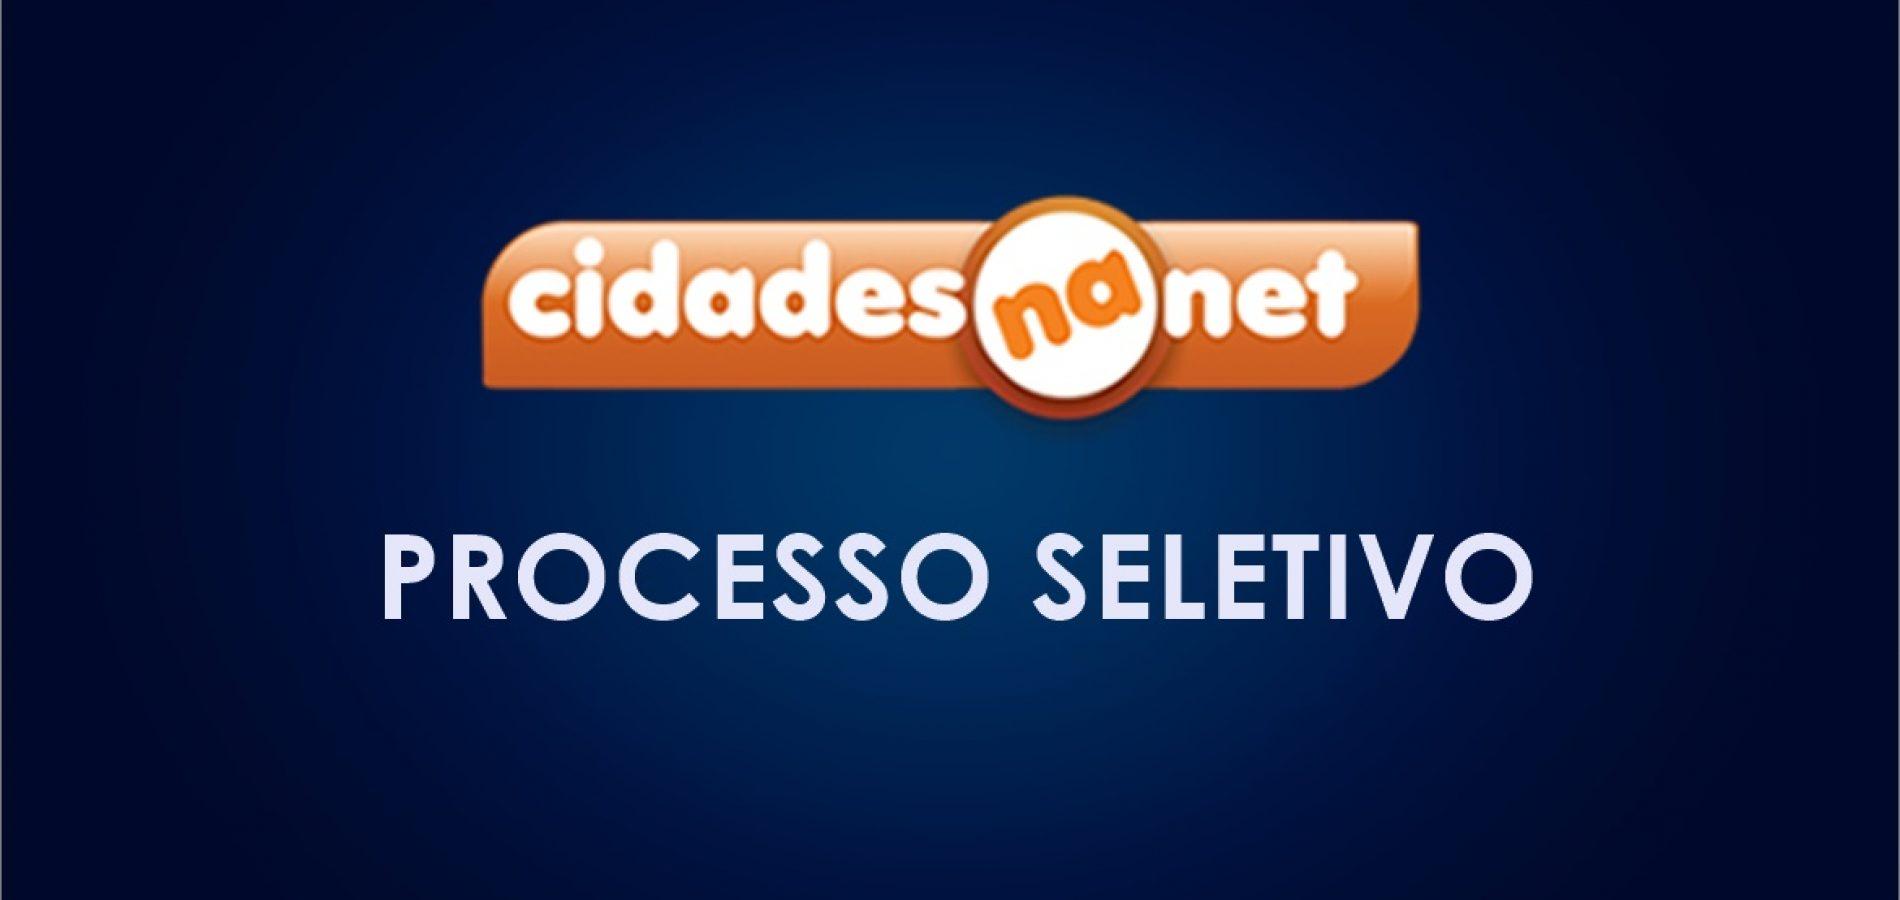 UESPI vai abrir novo Processo Seletivo para Auxiliar Administrativo;veja edital